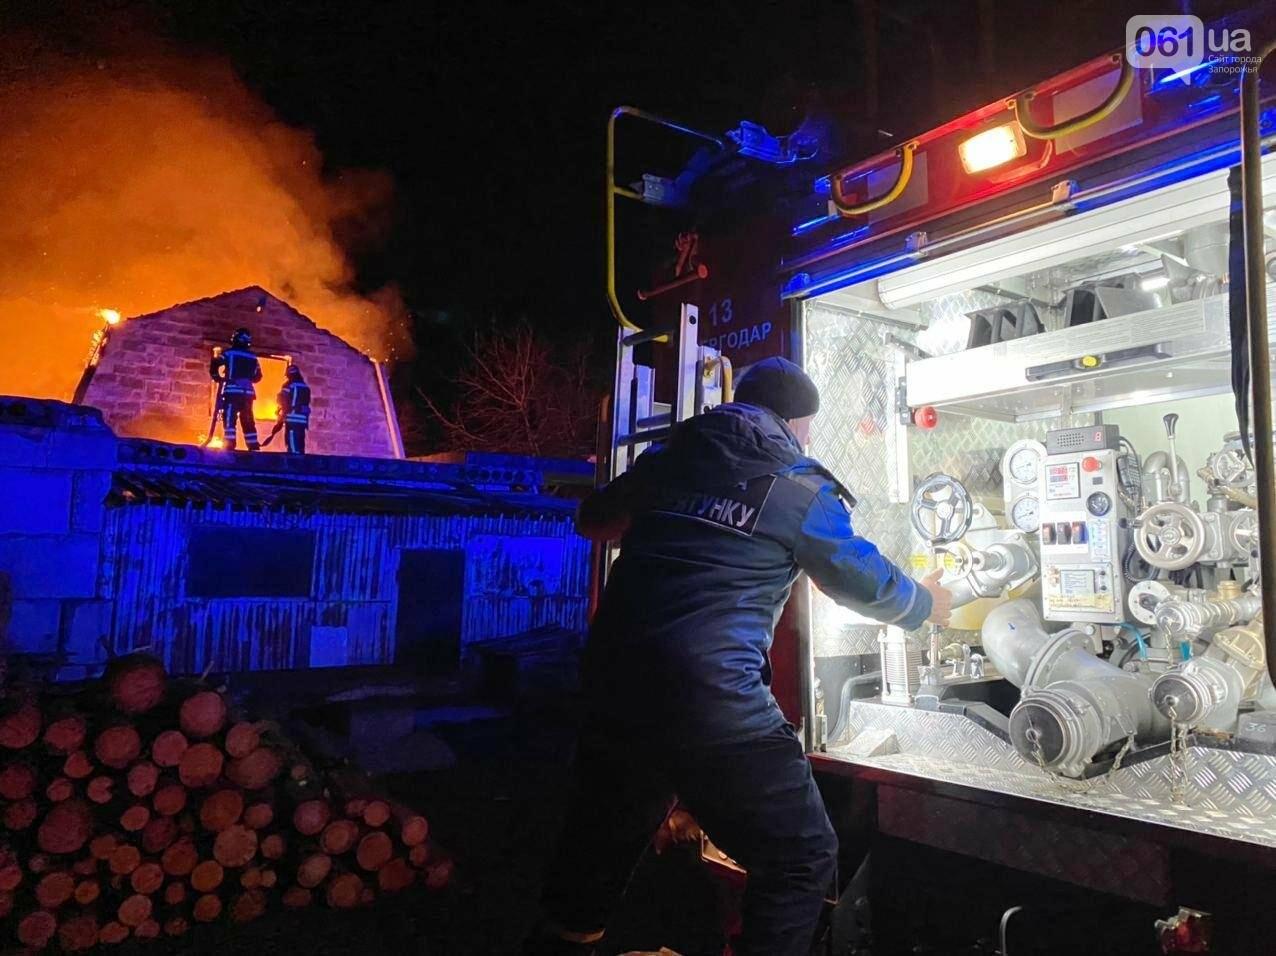 В Запорожской области загорелся жилой дом из-за проблем с печным отоплением: пожар тушили 15 спасателей , фото-3